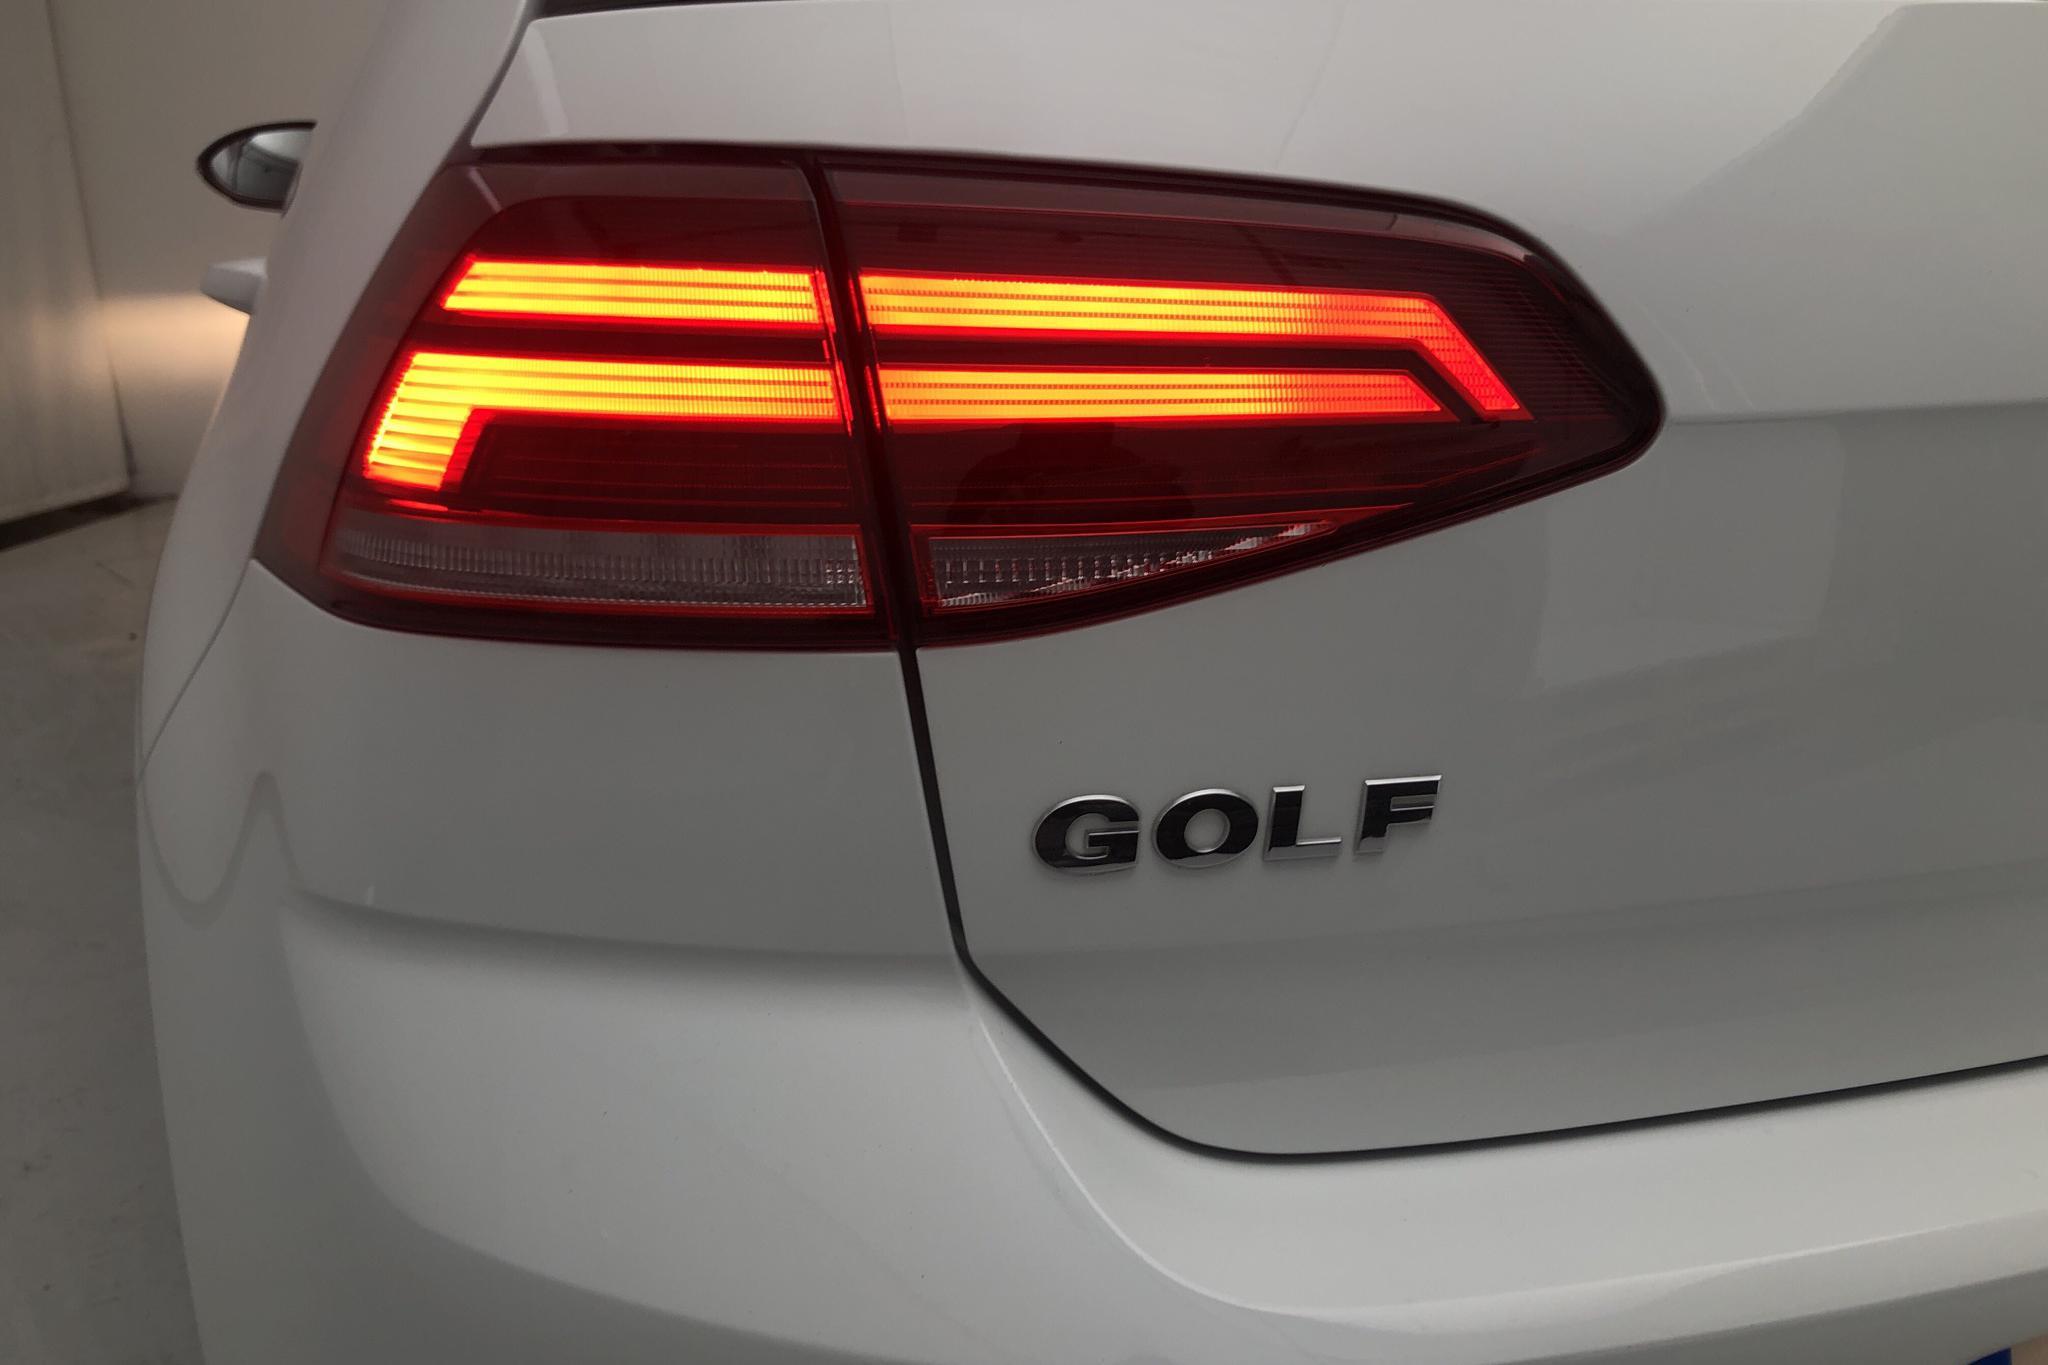 VW Golf VII 1.0 TSI 5dr (110hk) - 20 770 km - Manual - white - 2018